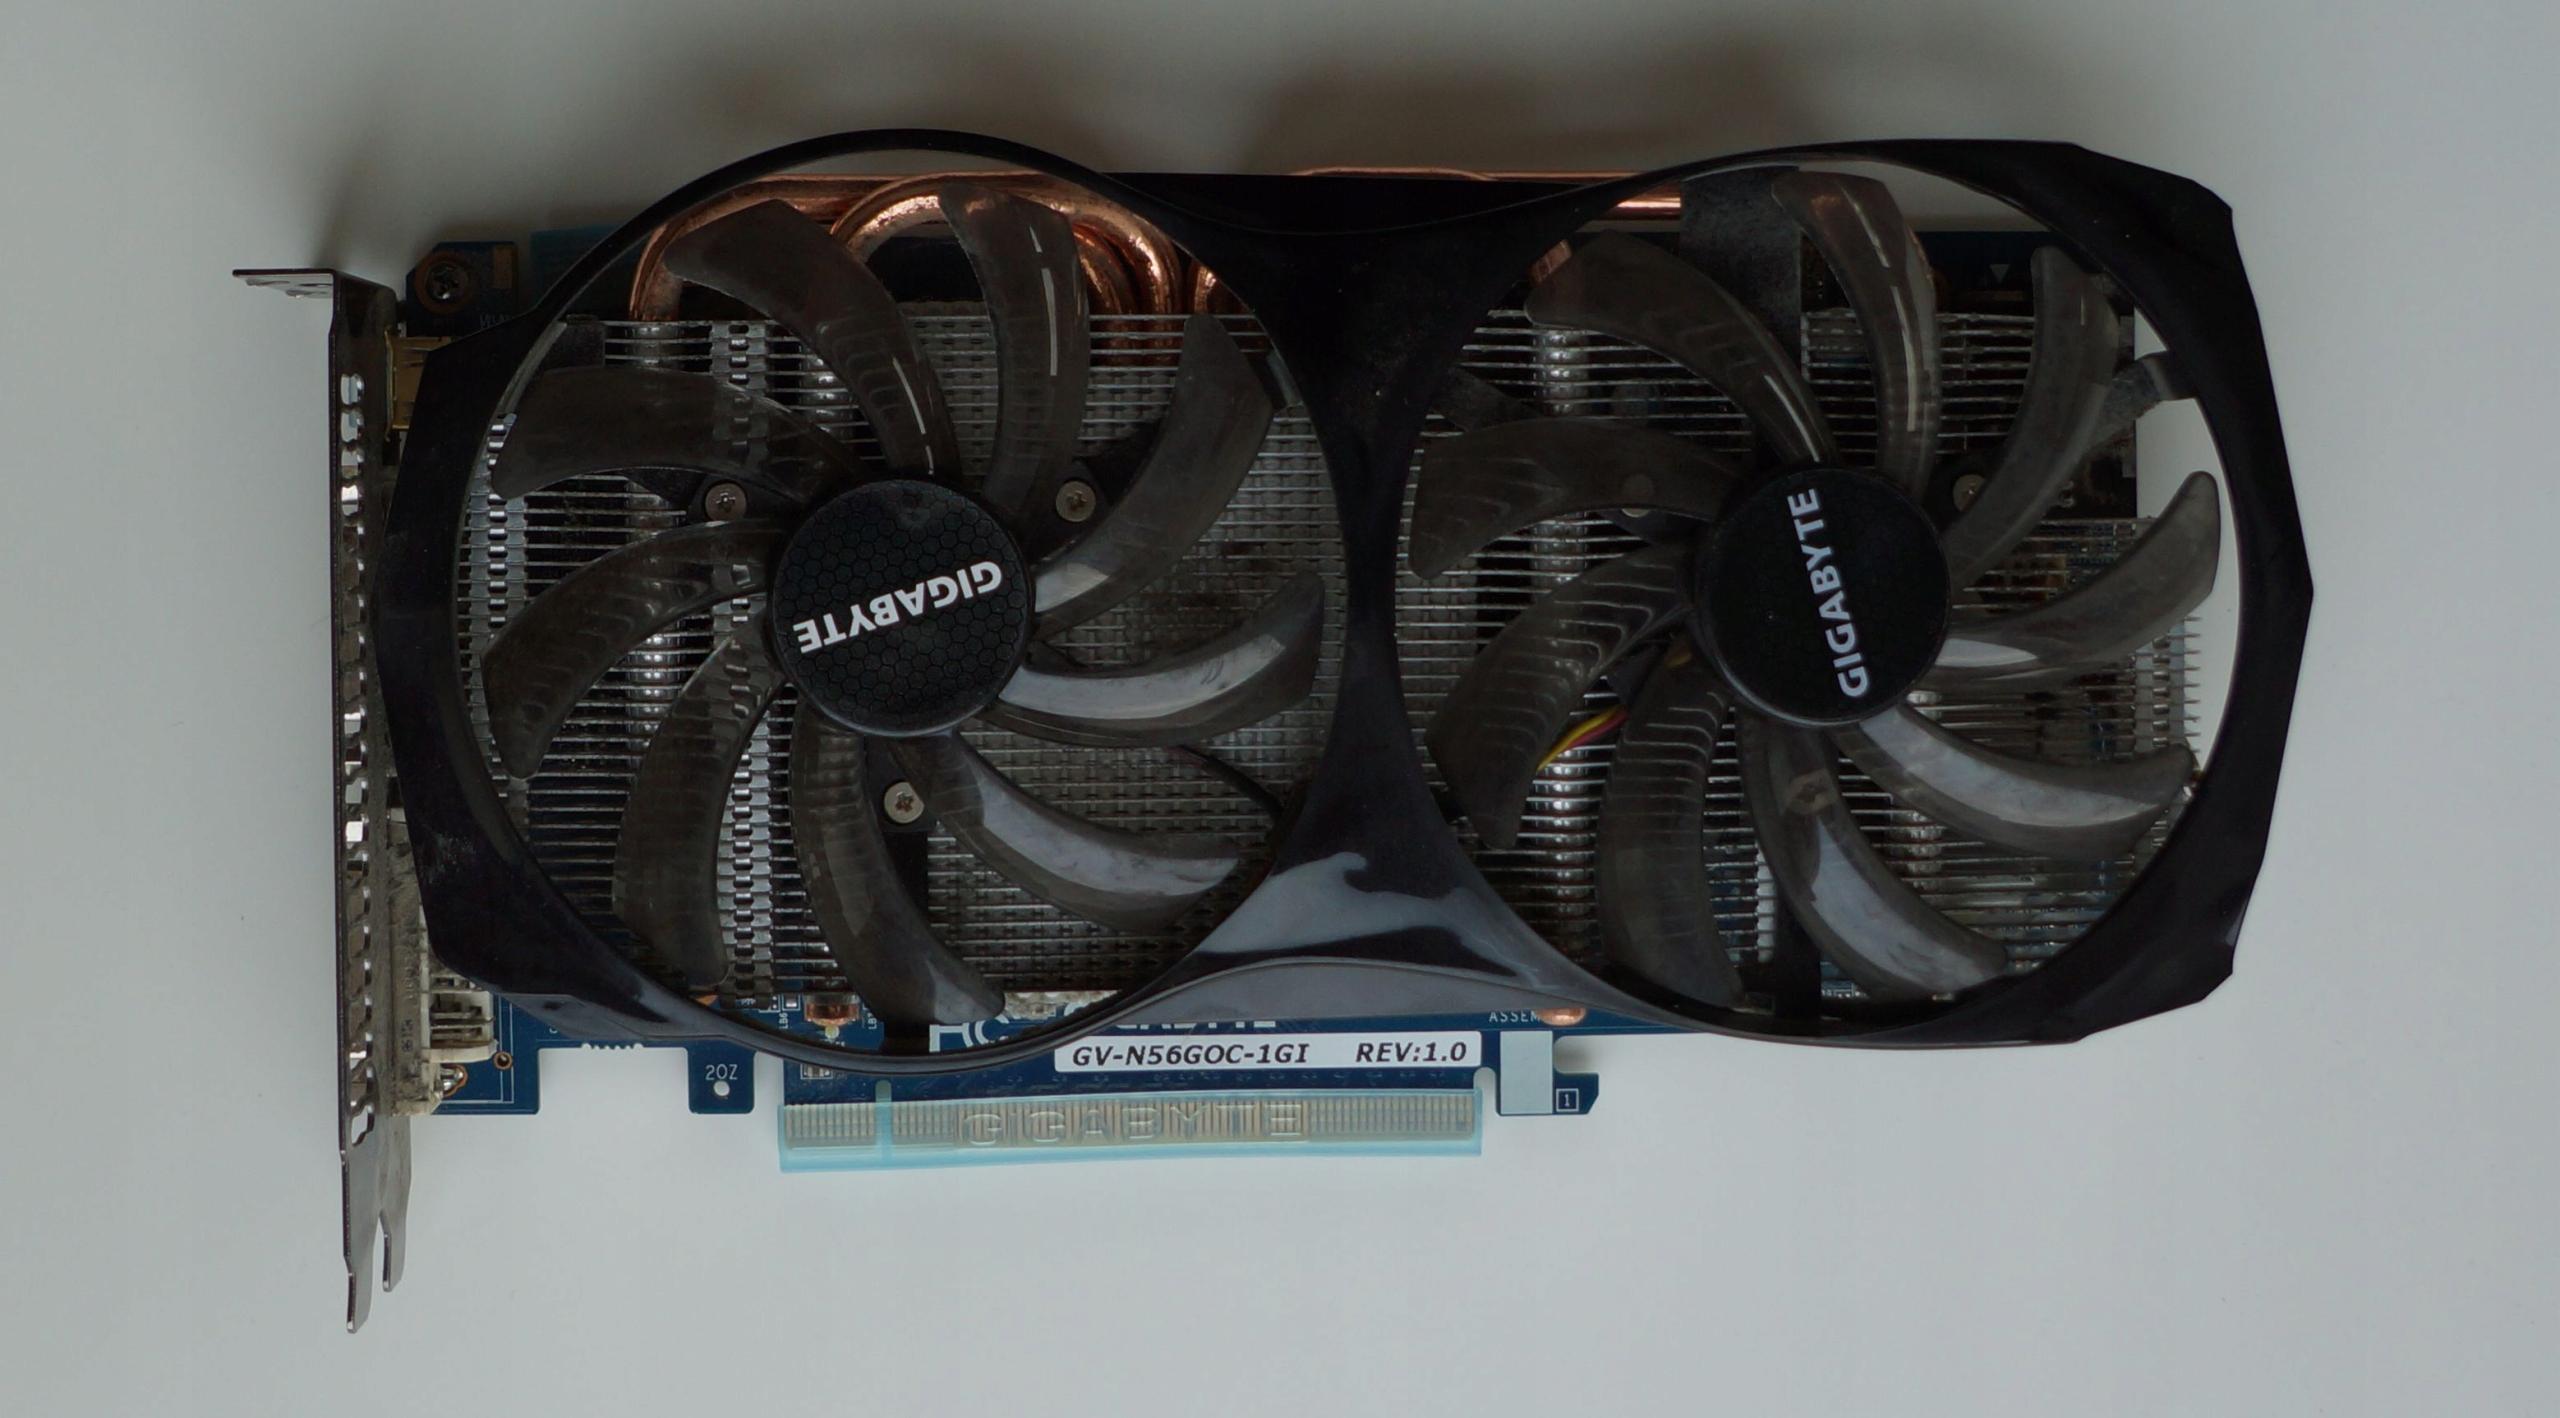 Karta Graficzna Nvidia Geforce Gtx 560 Gigabyte 7684343251